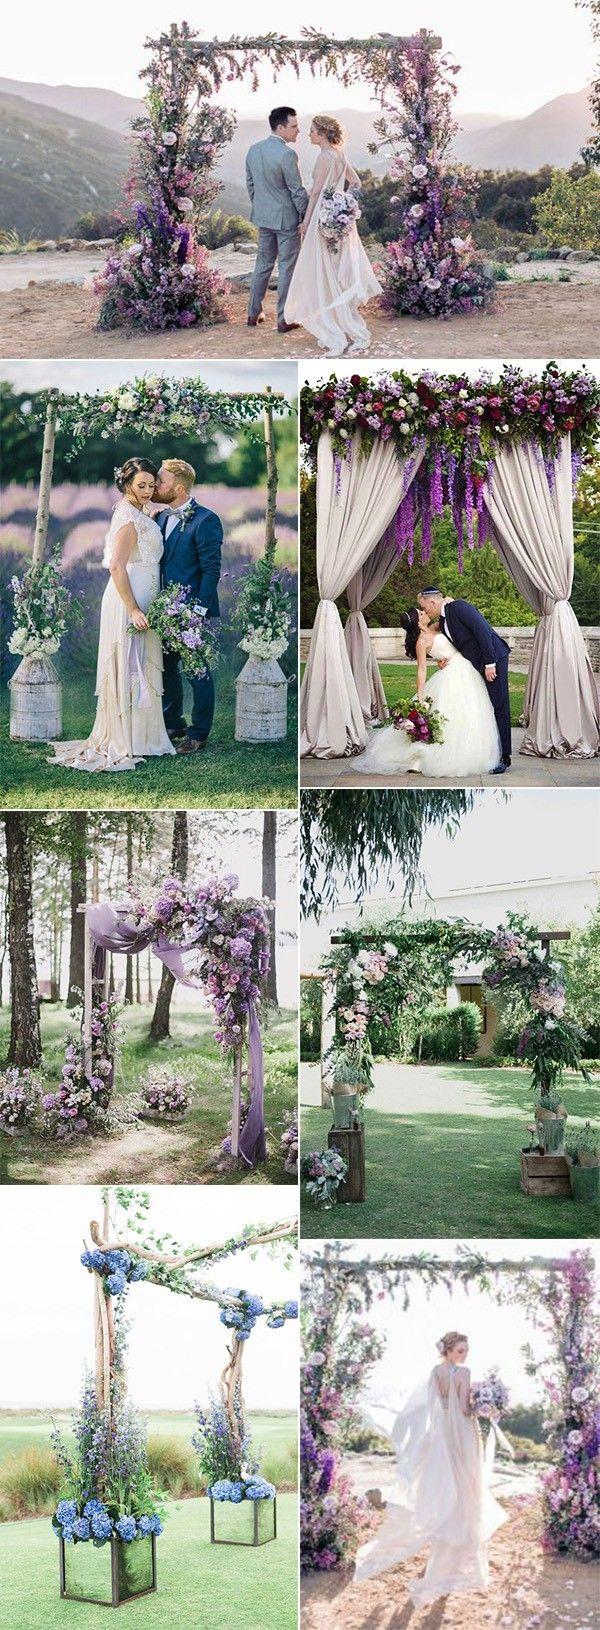 Lavendel hochzeit bogen dekoration ideen hochzeit - Dekoration lavendel ...